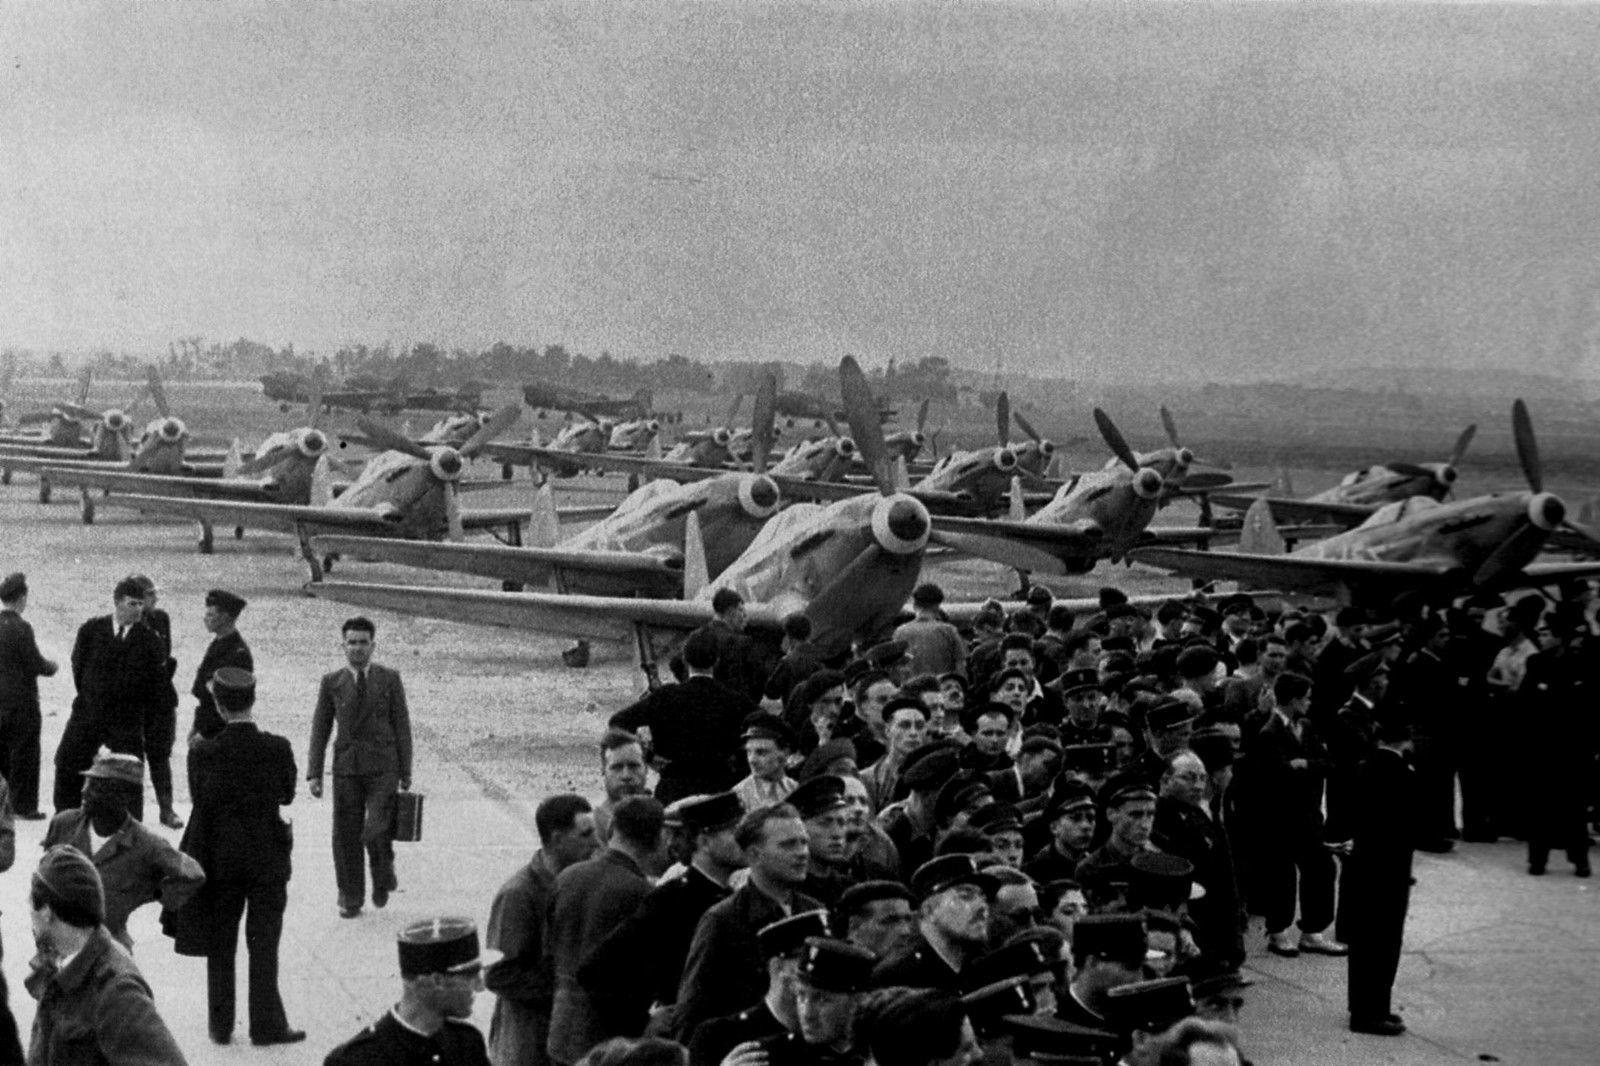 Le Bourget, le 20 juin 1945